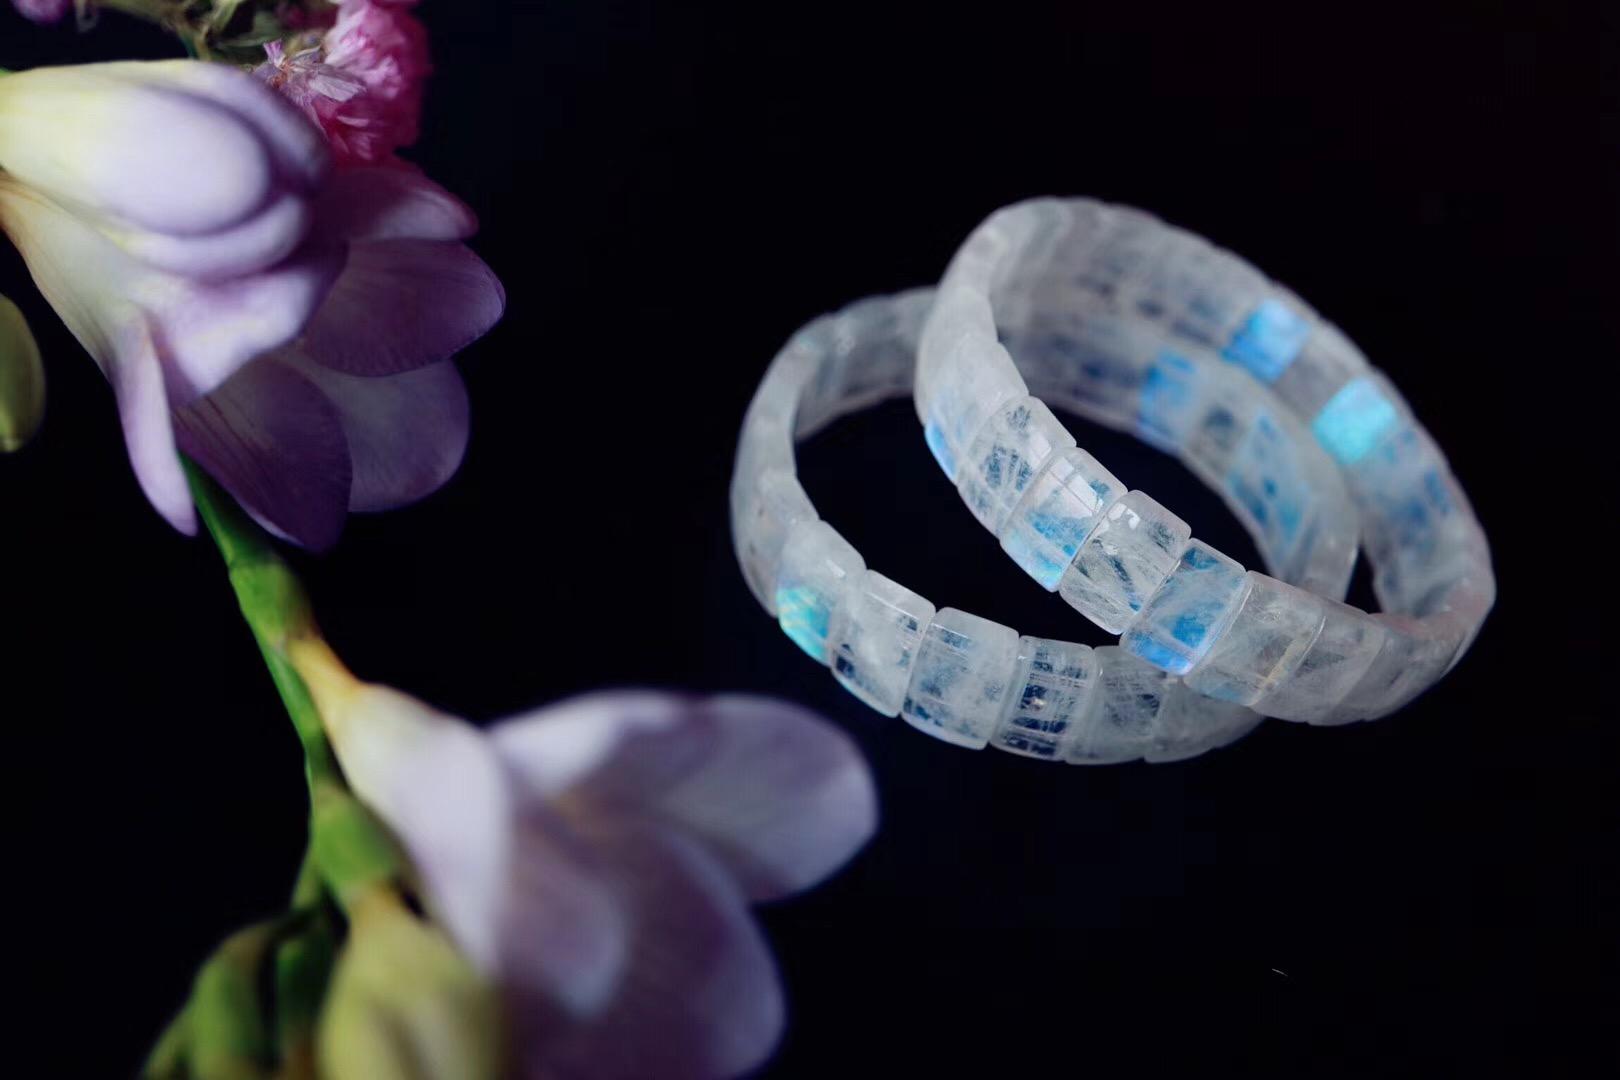 【菩心   月光石】温柔似水的月光石协助女性开启内在能量-菩心晶舍